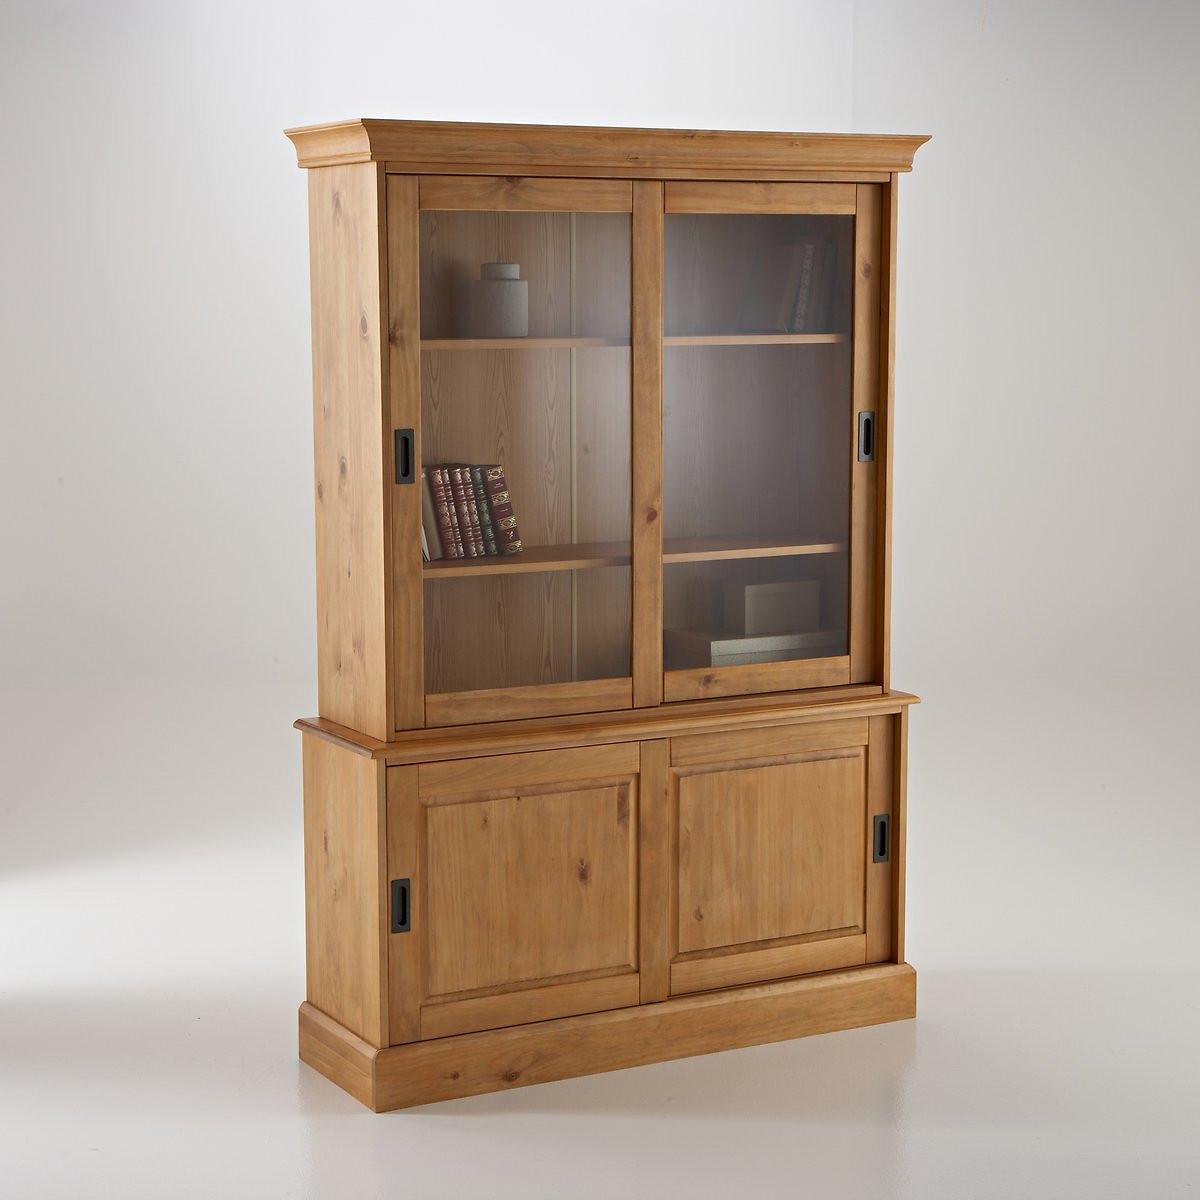 Буфет-шкаф LaRedoute Для посуды из массива сосны Authentic Style единый размер бежевый